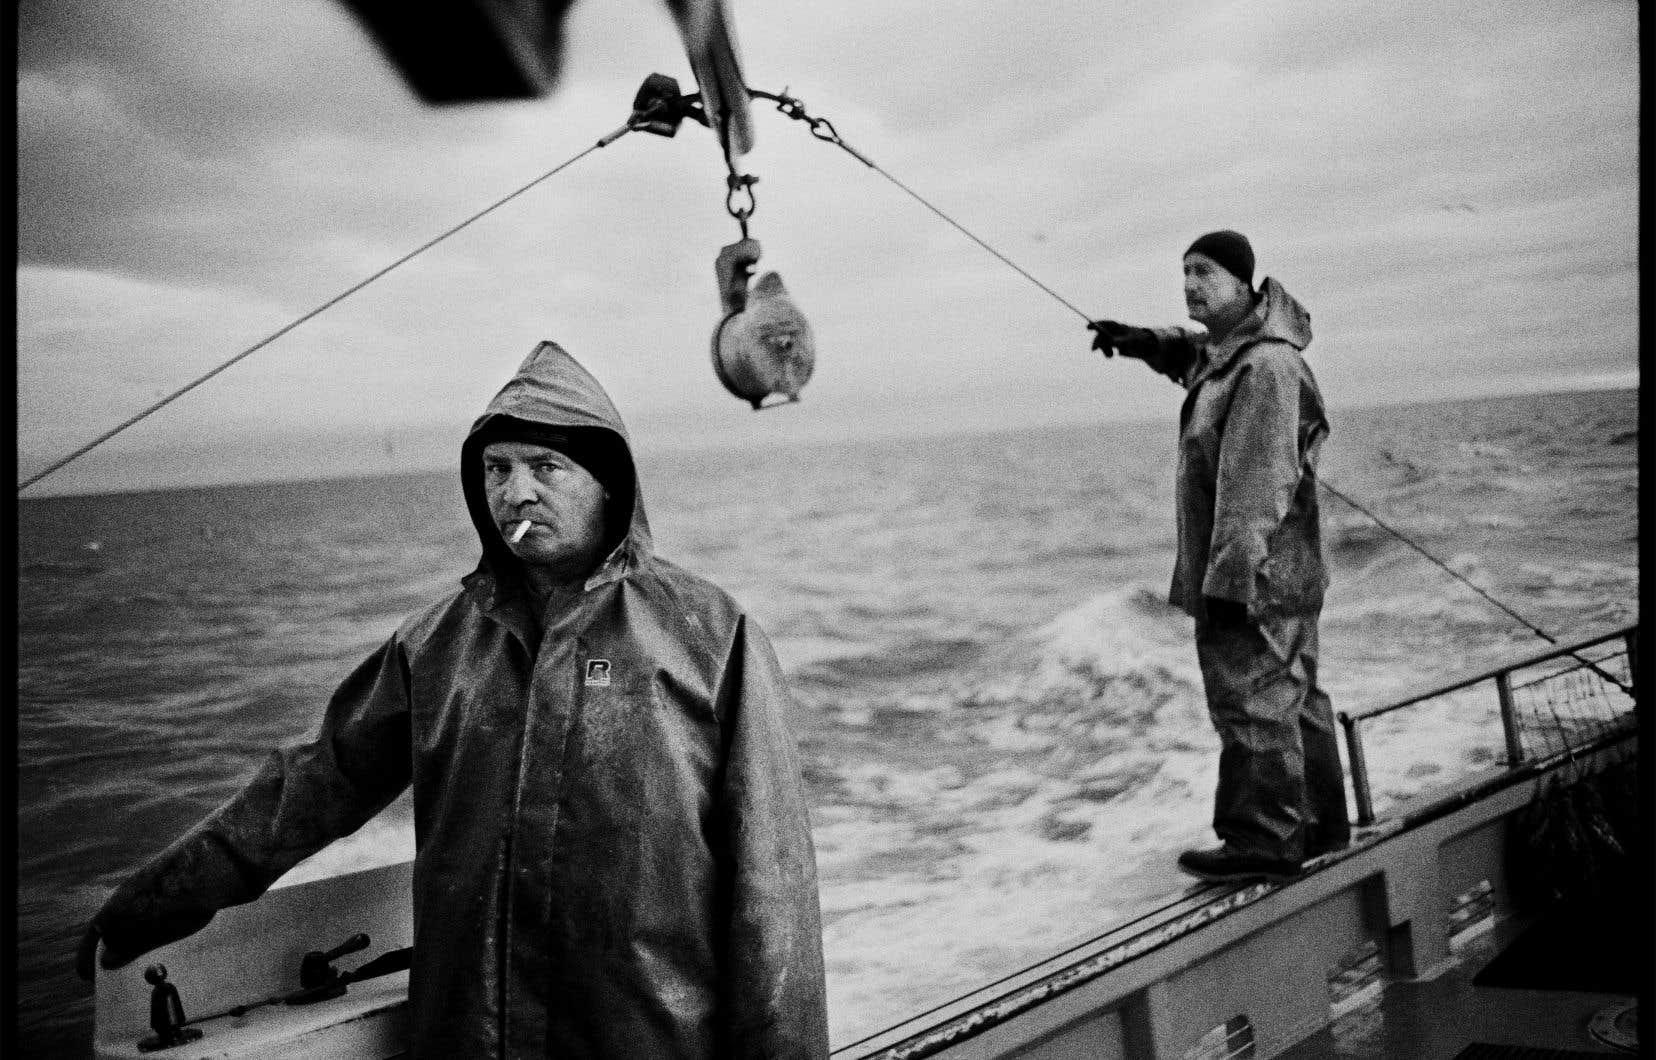 Charles-Frédérick Ouellet a d'abord tourné son objectif vers les pêcheurs avant de regarder au-delà, vers l'environnement qui les entoure.